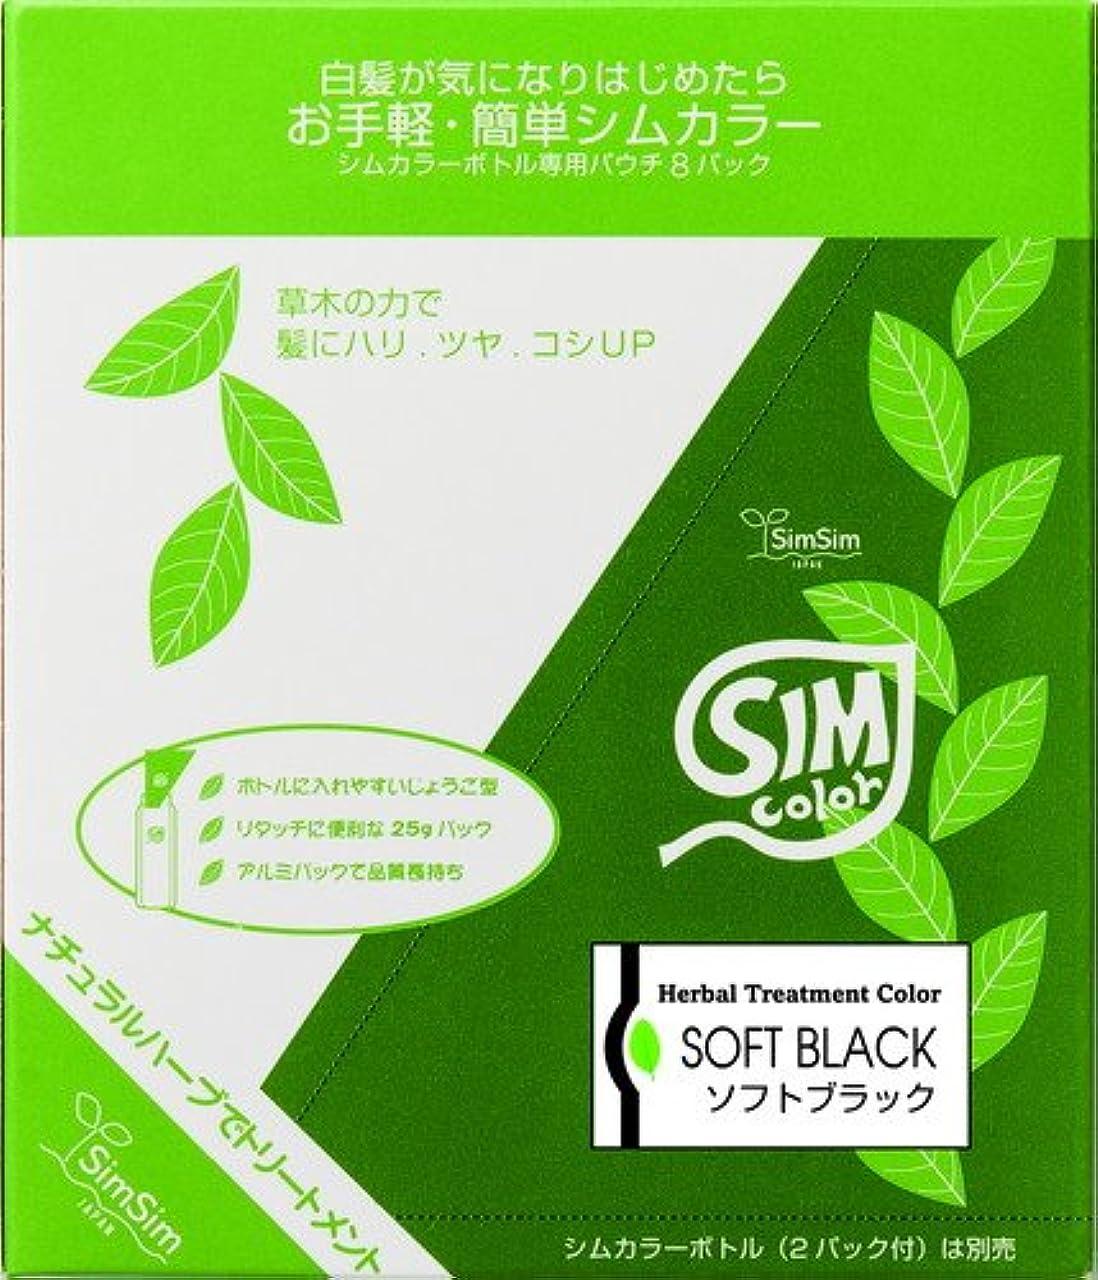 に慣れストレンジャー治療SimSim(シムシム)お手軽簡単シムカラーエクストラ(EX)25g 8袋 ソフトブラック